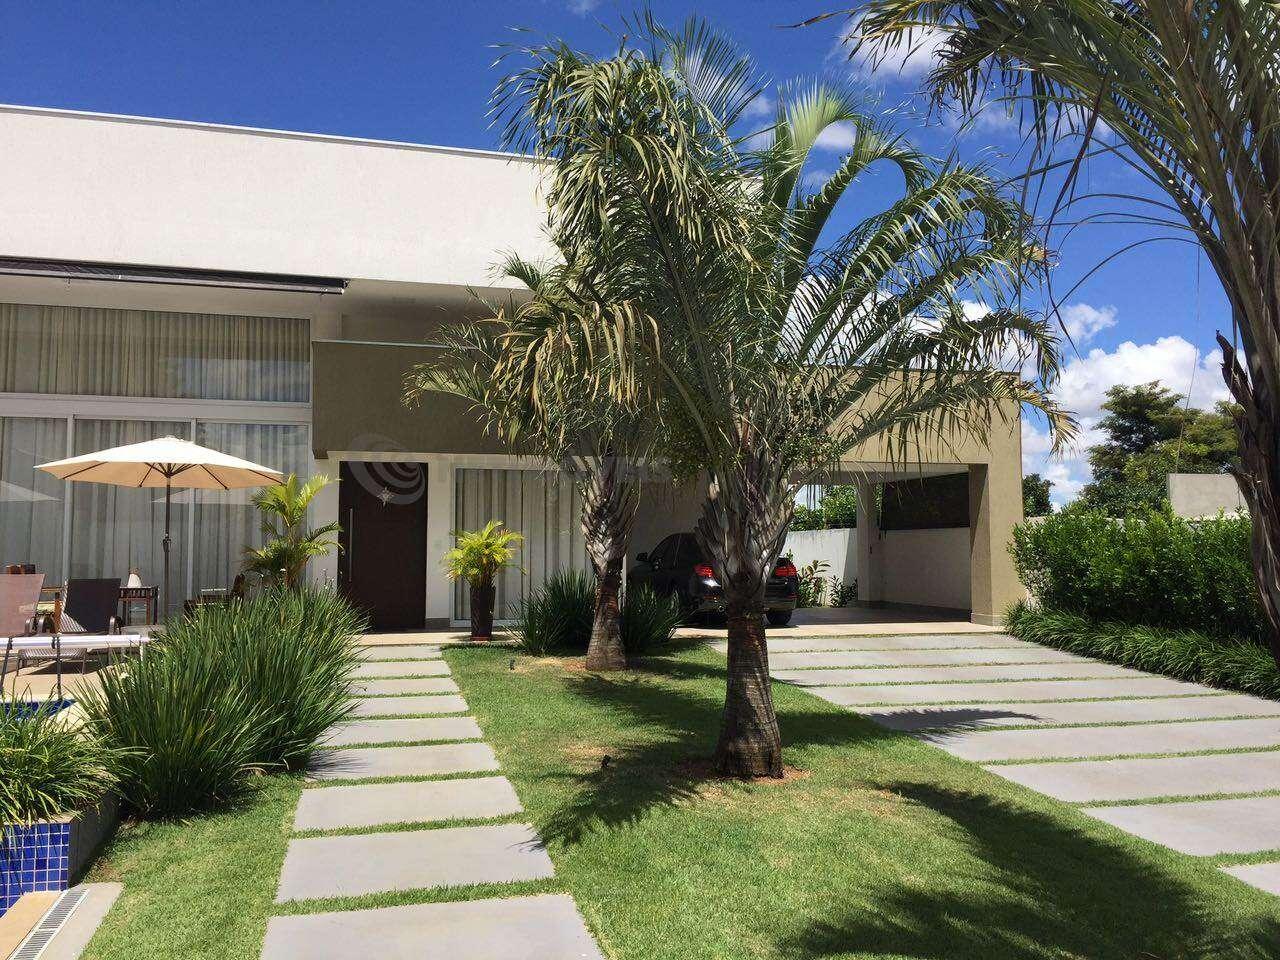 casa,distrito federal,lago sul,brasília,casa em condomínio,condomínio fechado,casa a venda,ouro vermelho,casa nova,casa moderna,casa 3 quartos,casa jardim botânico,